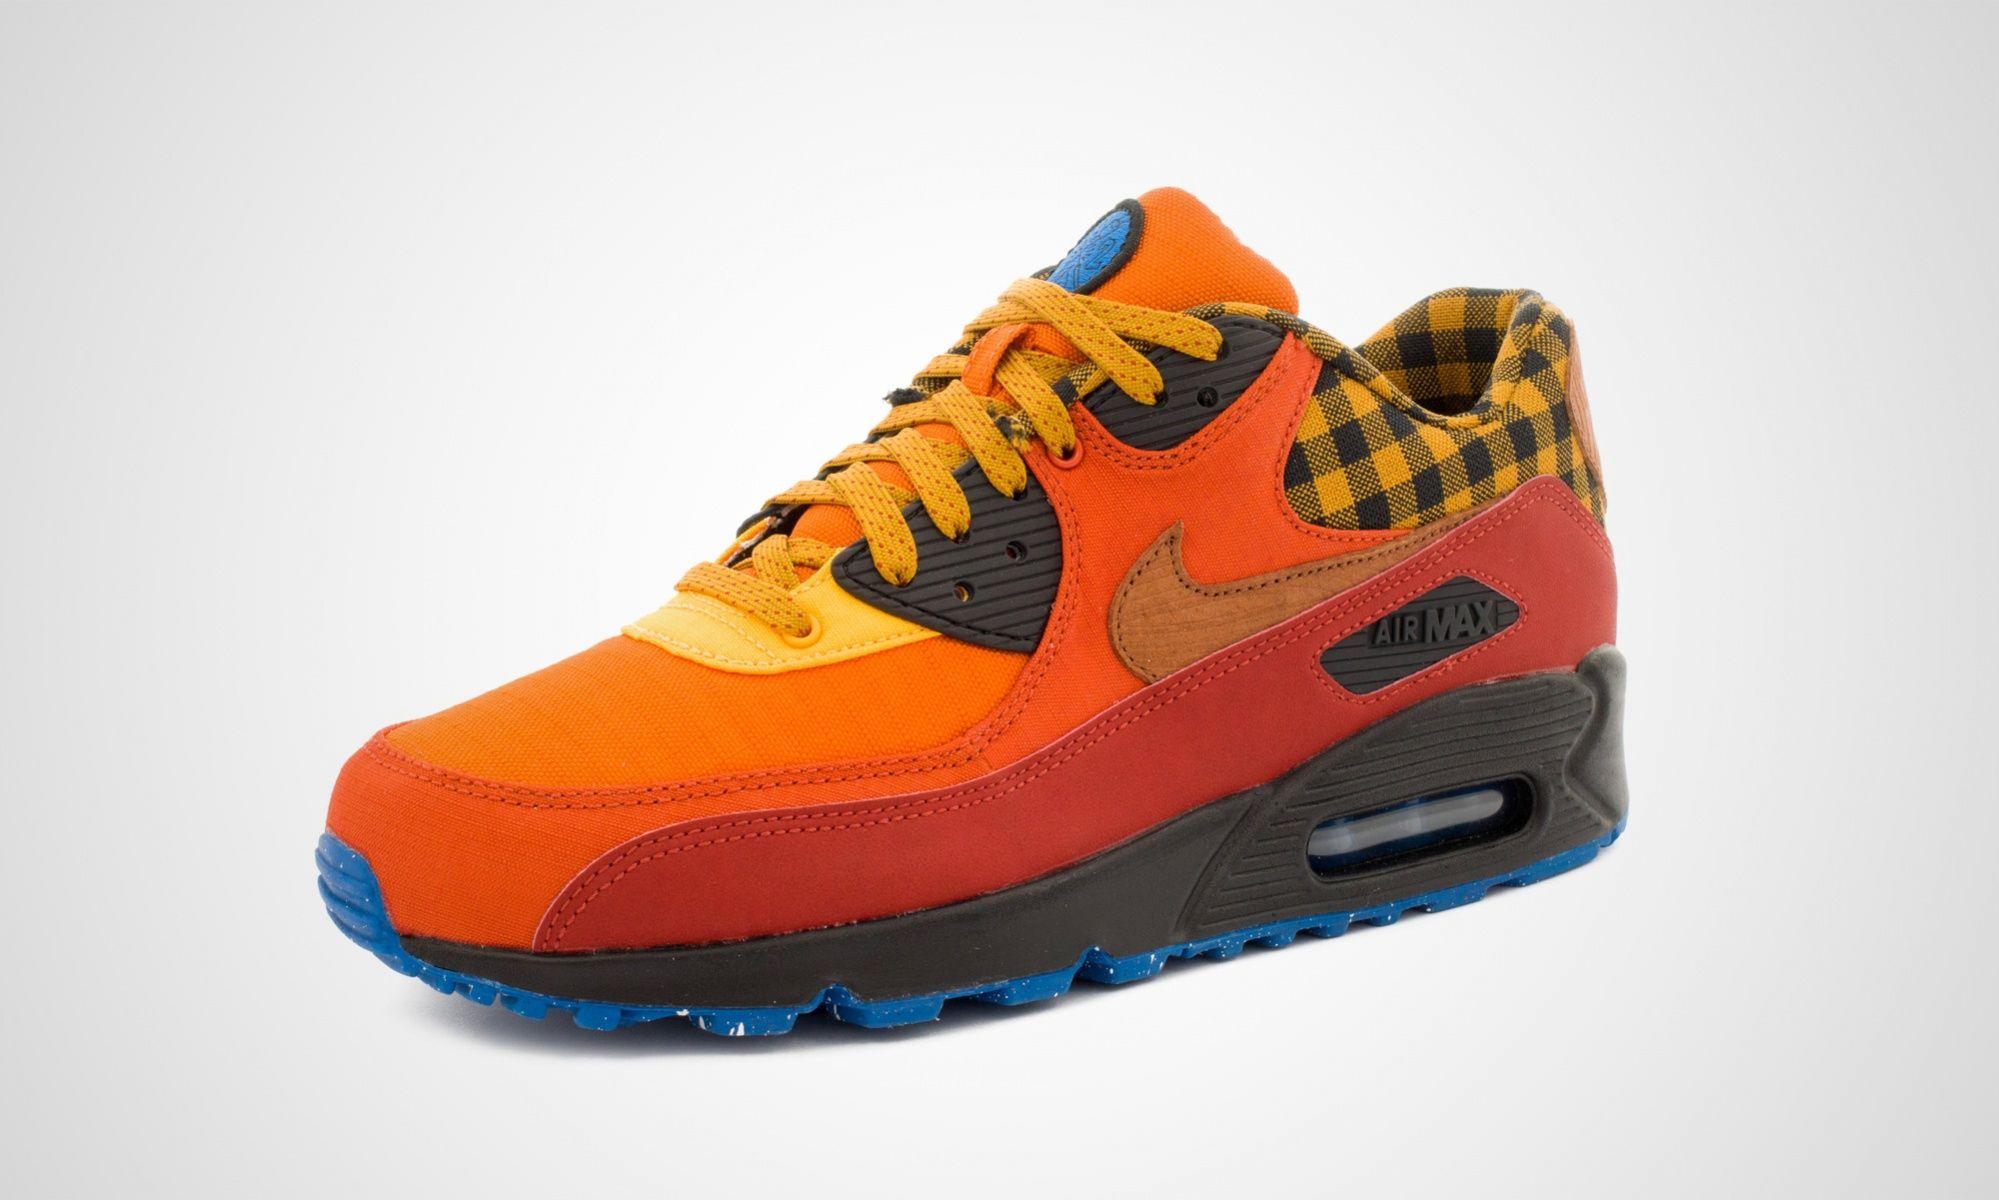 43einhalb x Nike Air Max 90 Premium